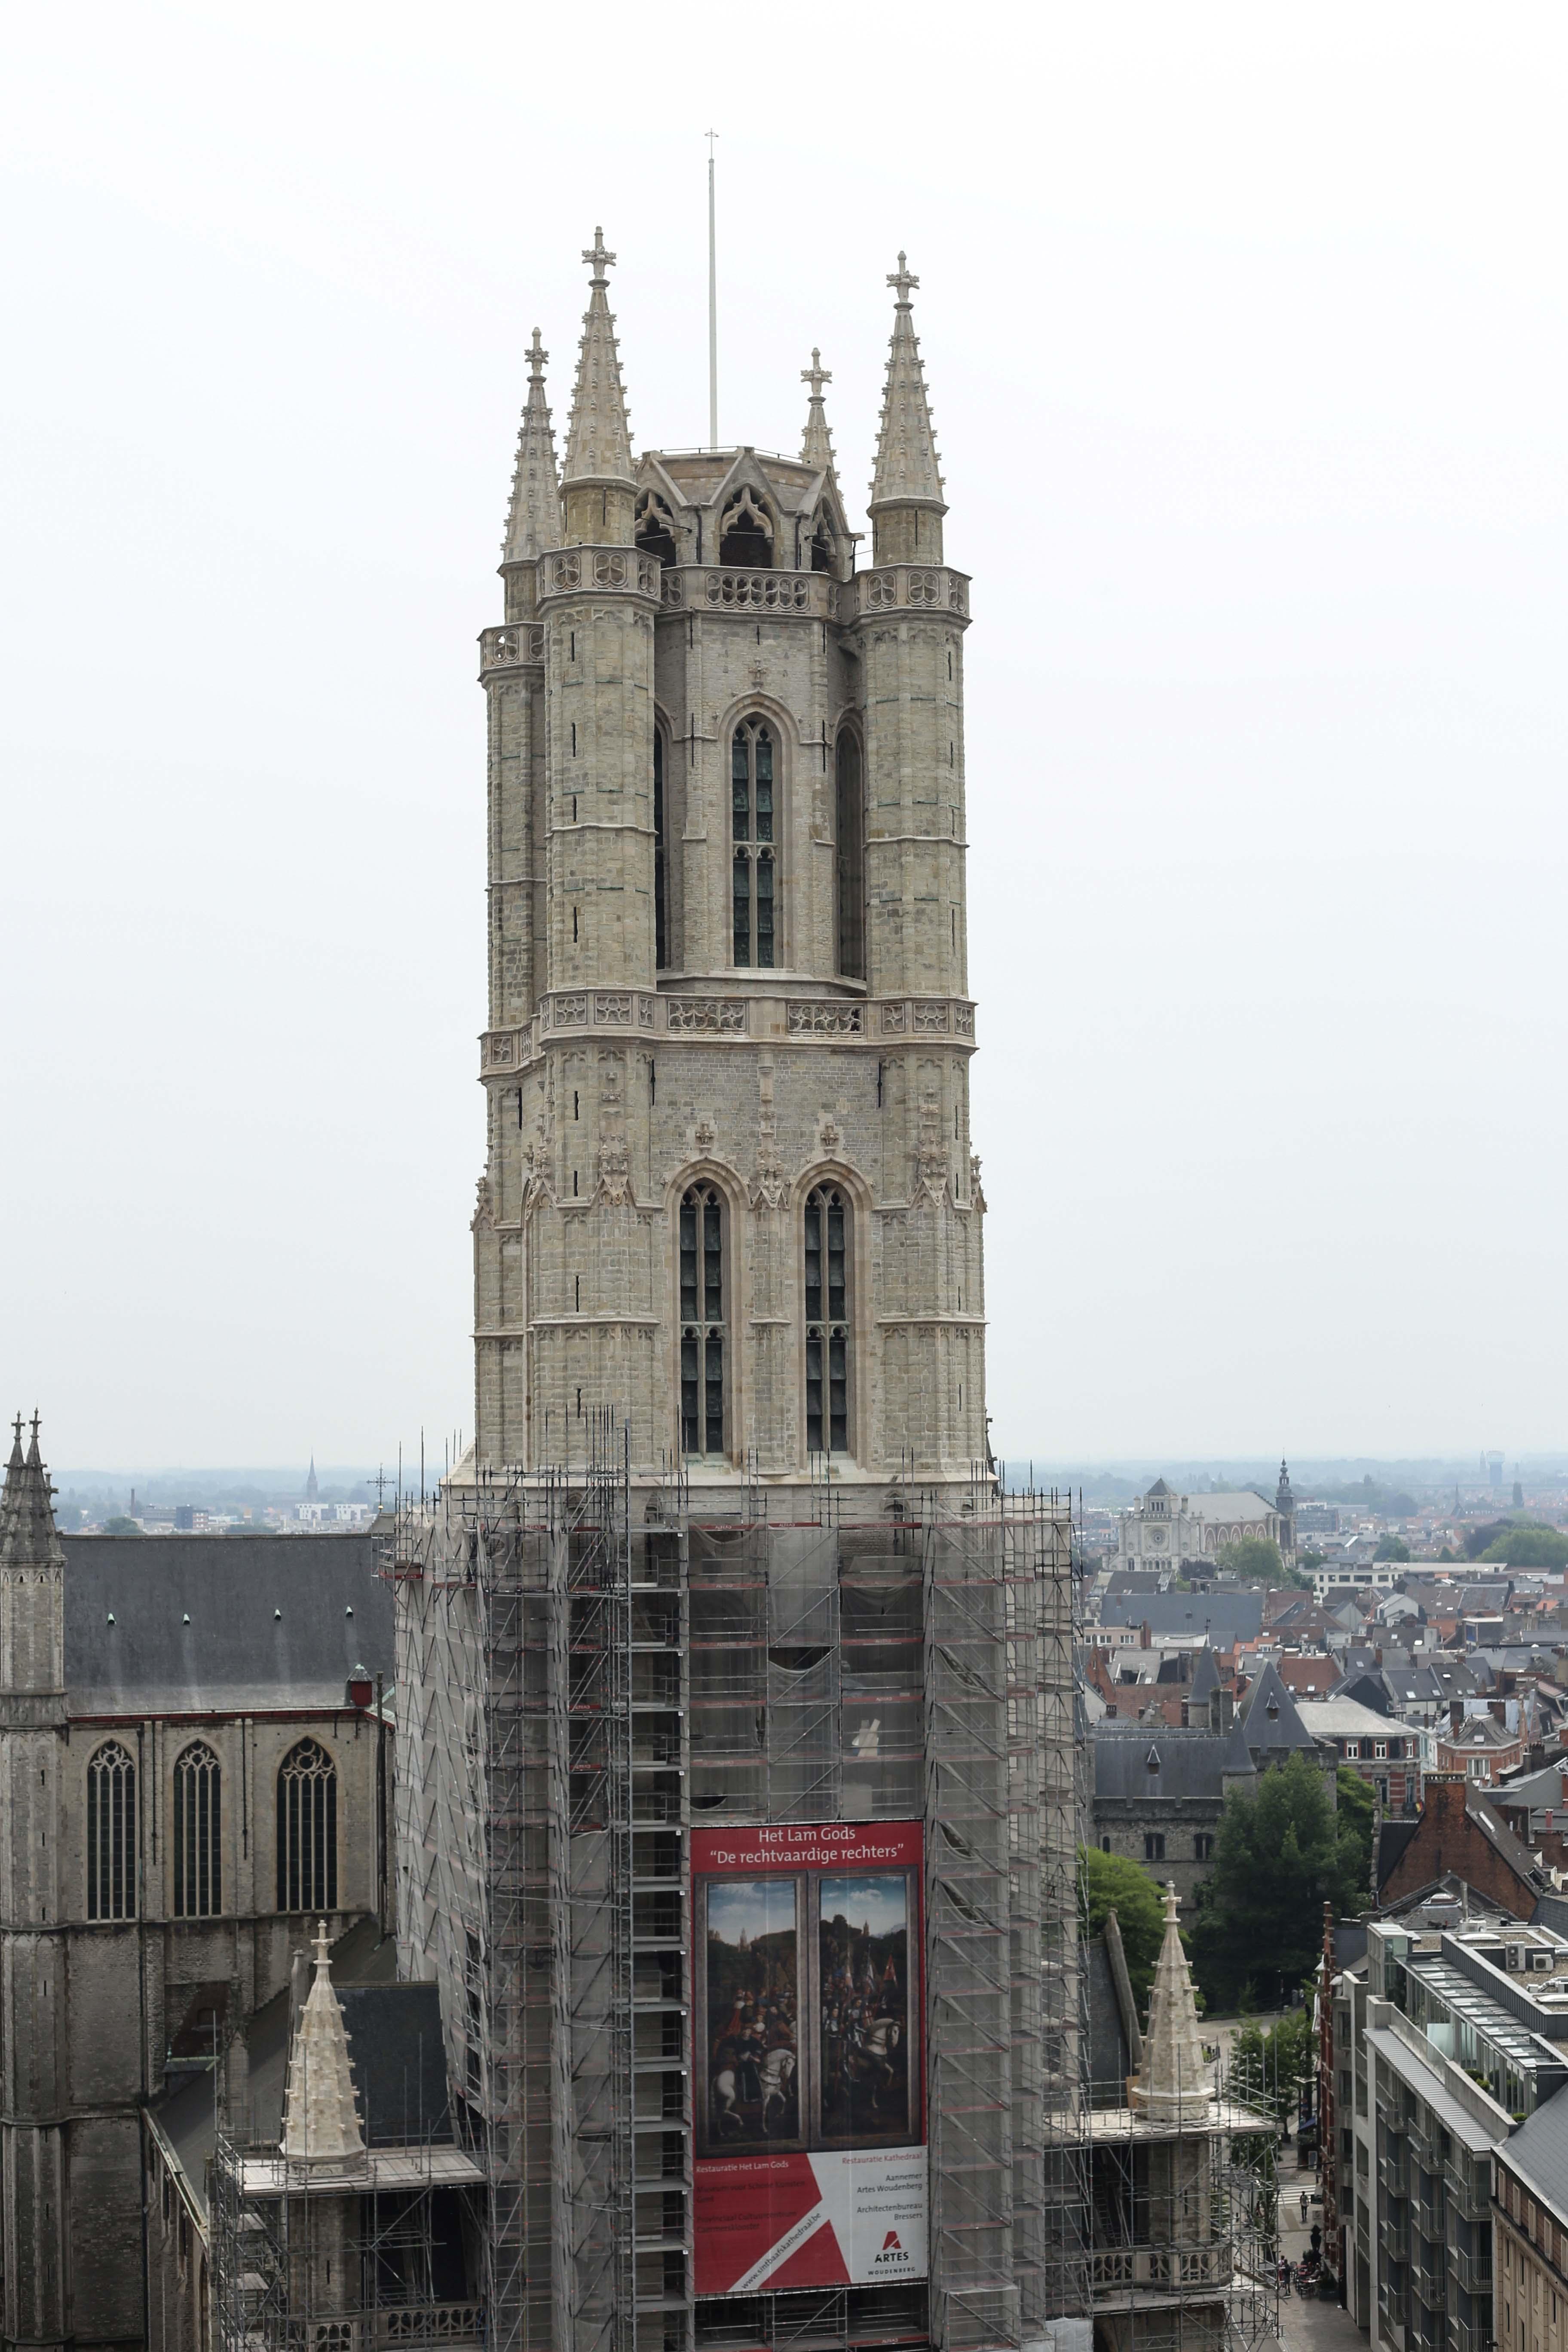 Gent-Kurztrip-Empfehlung-Sehenswürdigkeiten-Kanäle-Reiseblog-Belgien-st.bavo-kathedrale